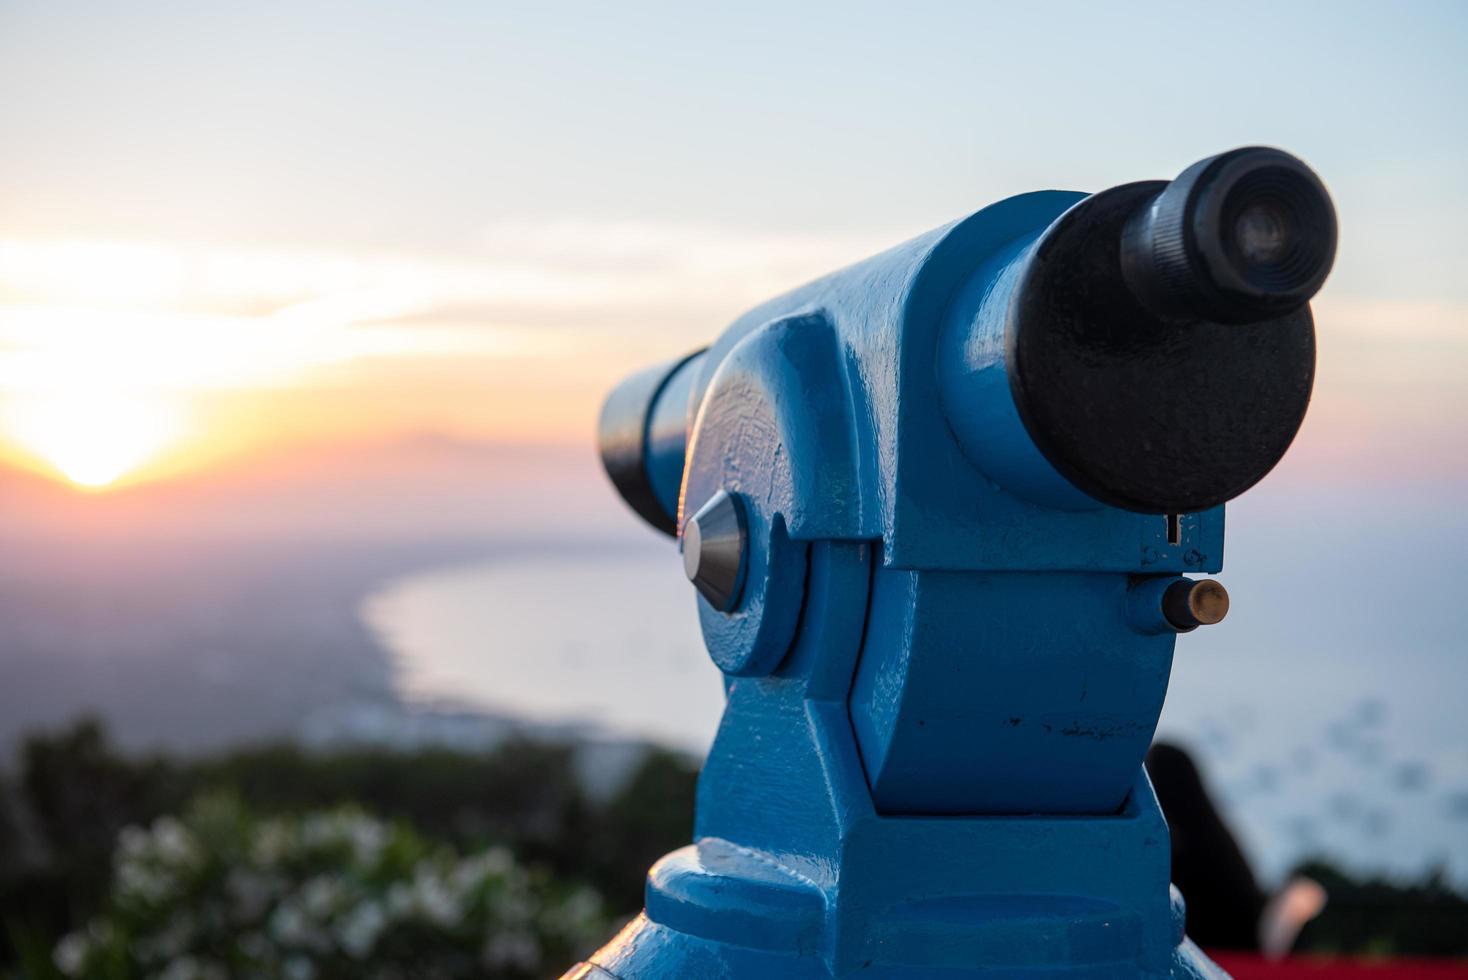 telescopio en dirección al paisaje de formentera foto